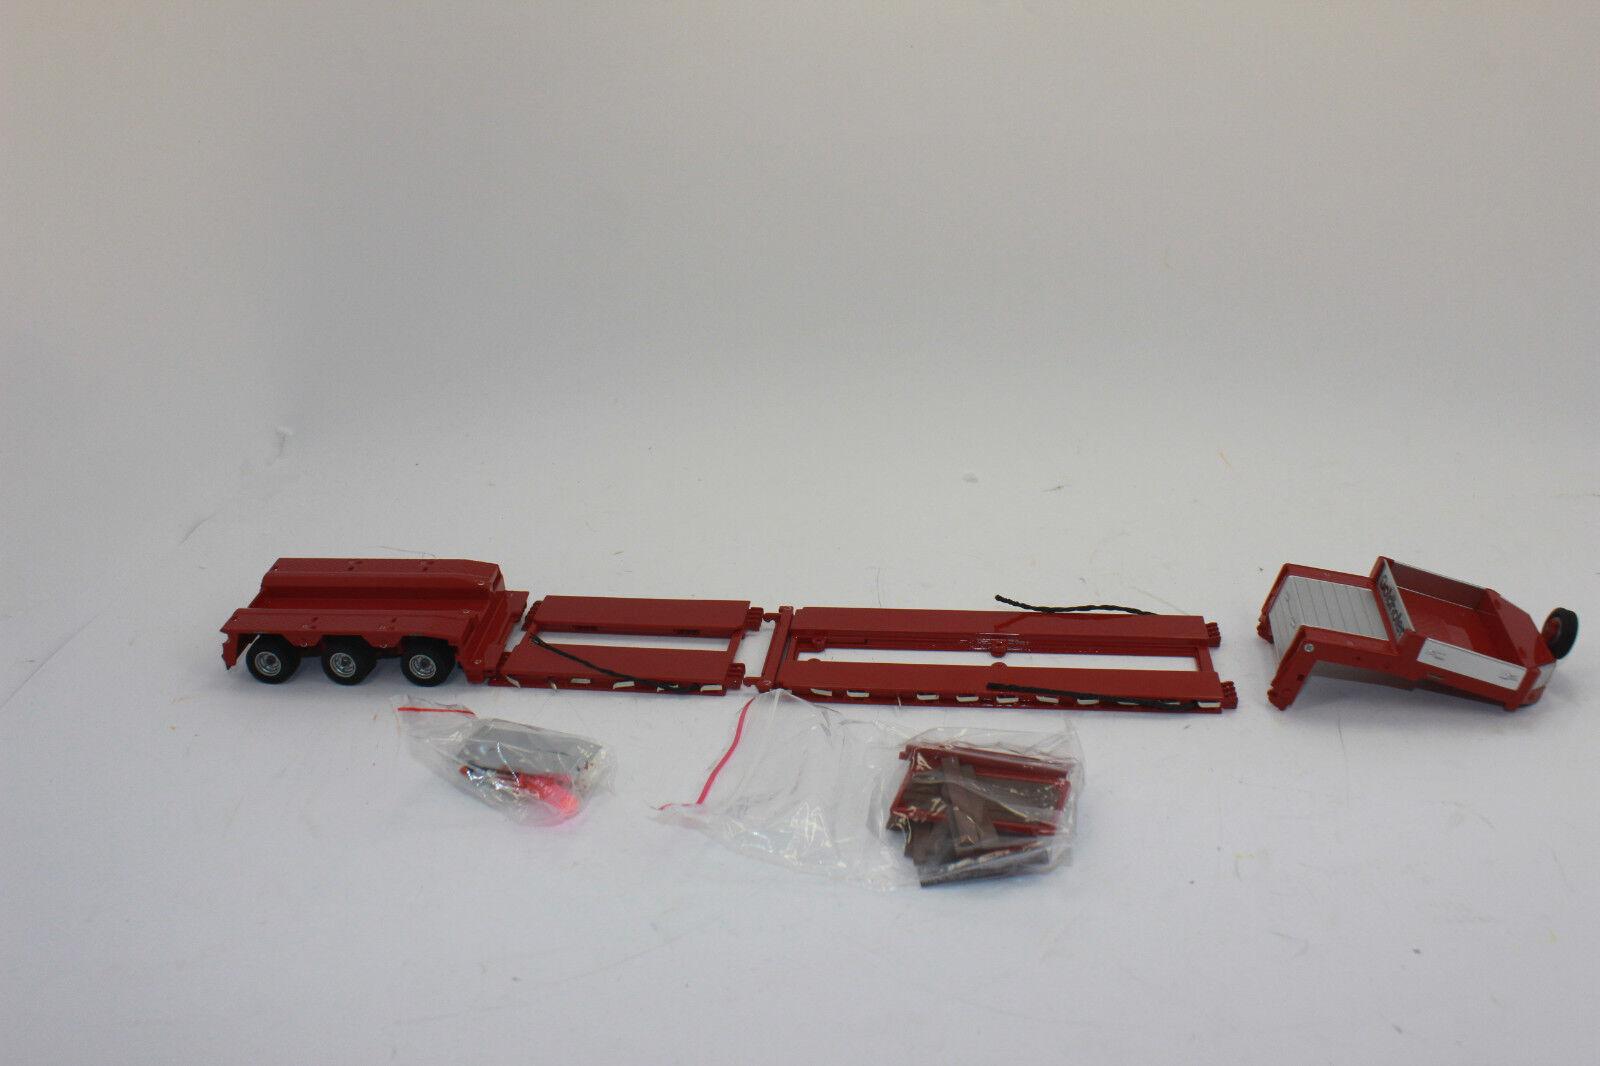 TEKNO 58706 goldhofer semirremolque Cama Ajustable red 1 50 NUEVO EN emb.orig.